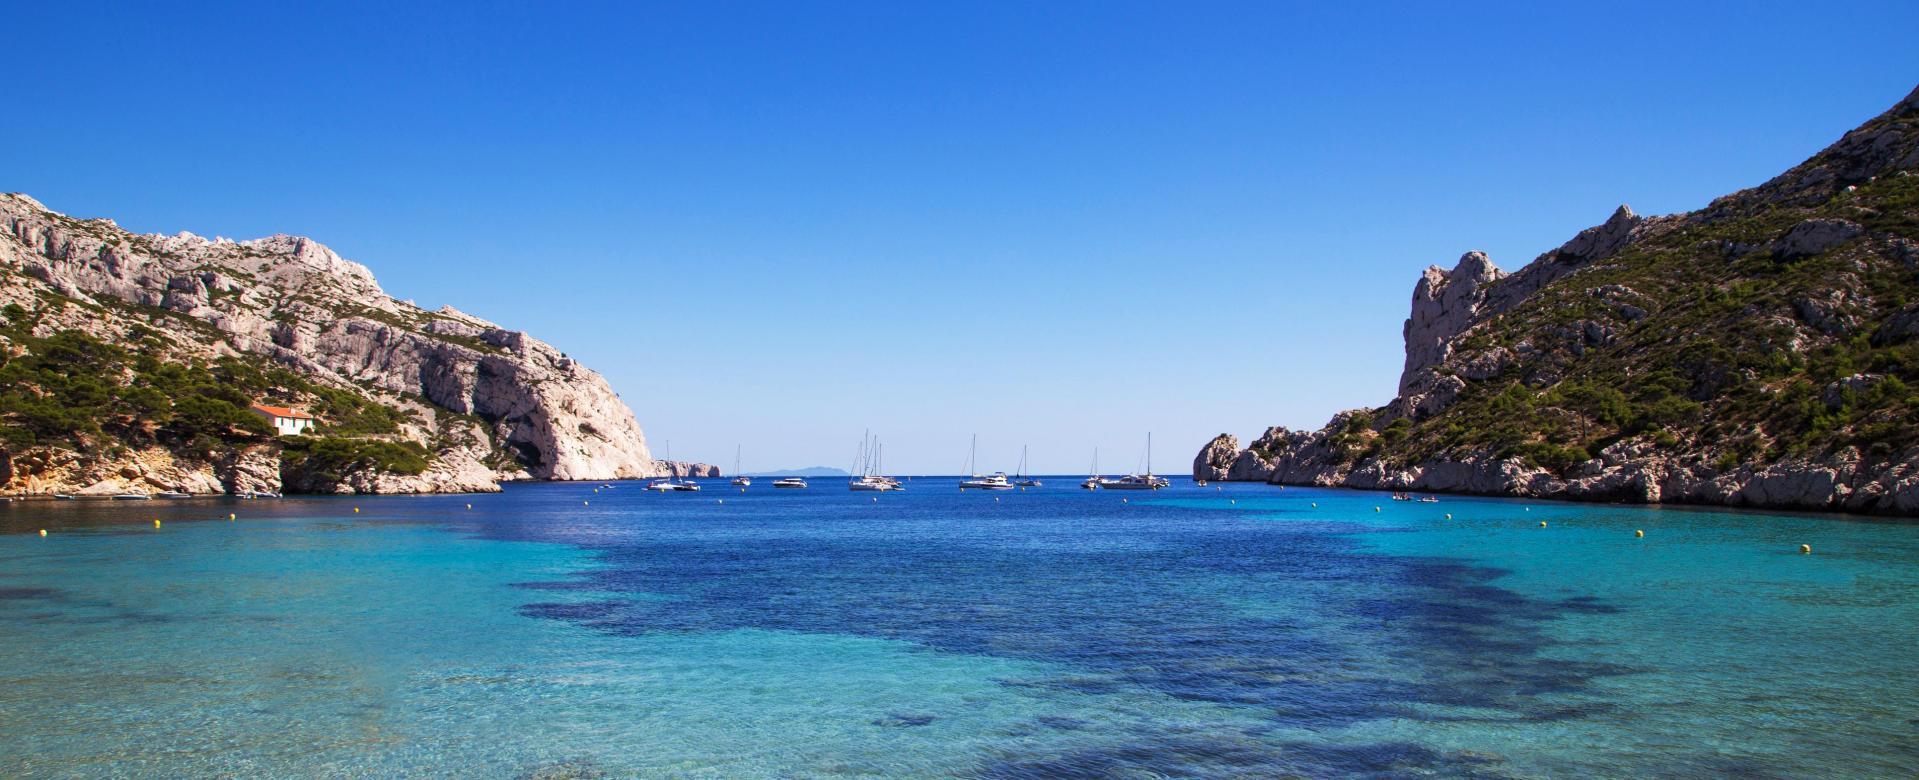 Voyage à pied : Provence : Des calanques de marseille à la côte bleue